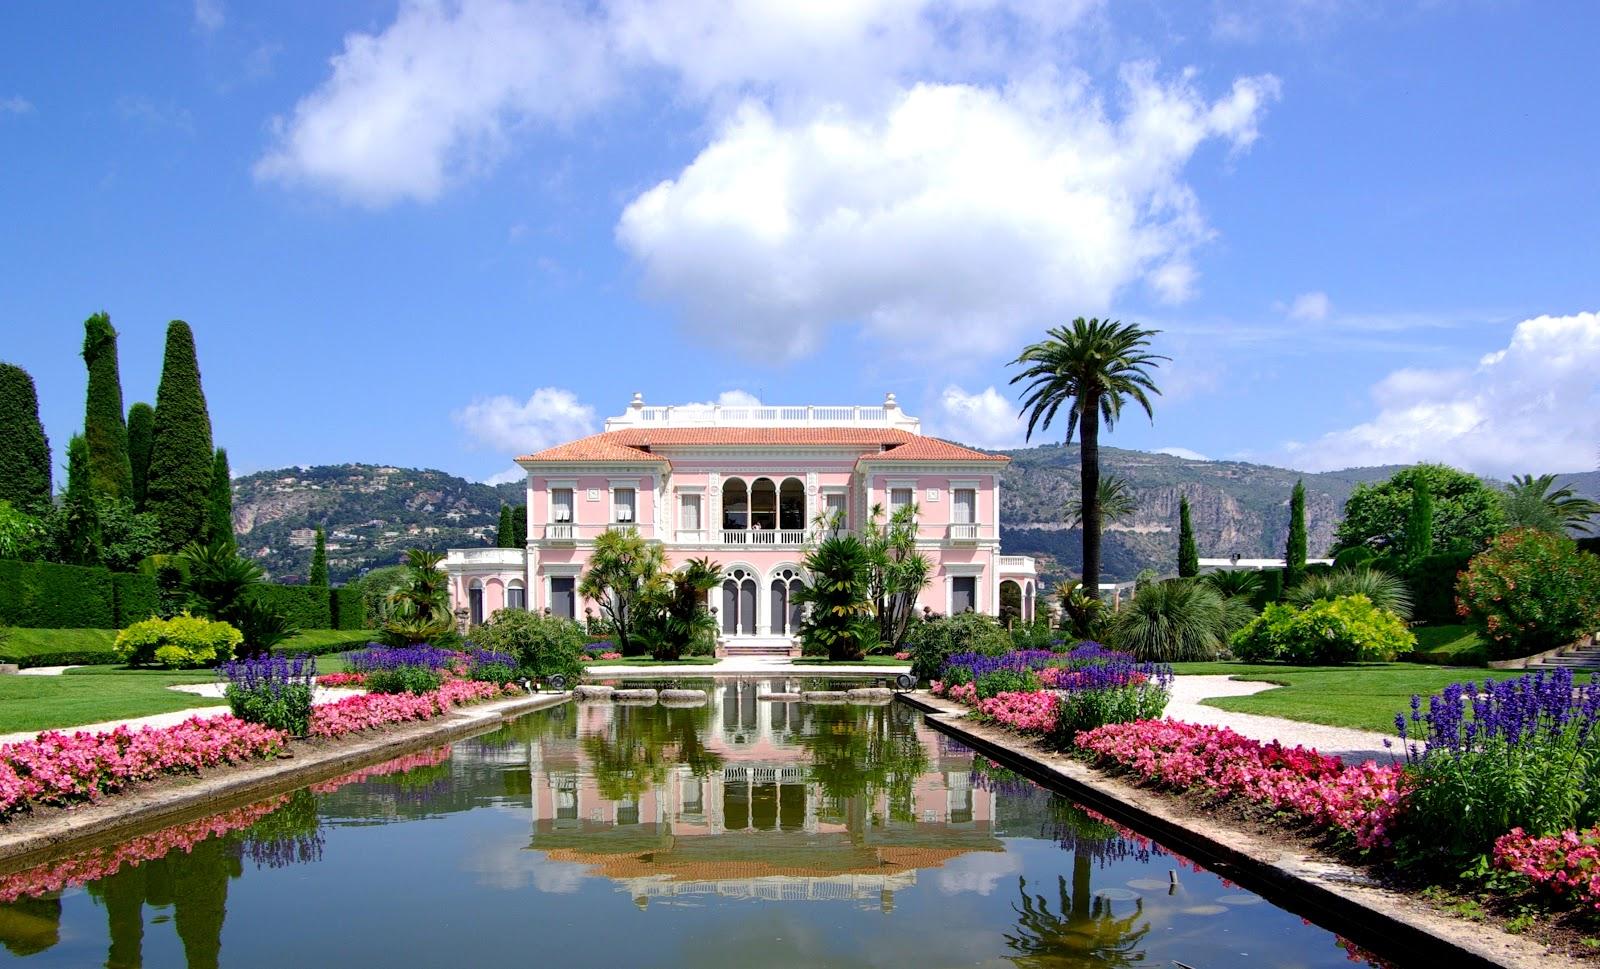 Loveisspeed Villa Ephrussi De Rothschild Is A